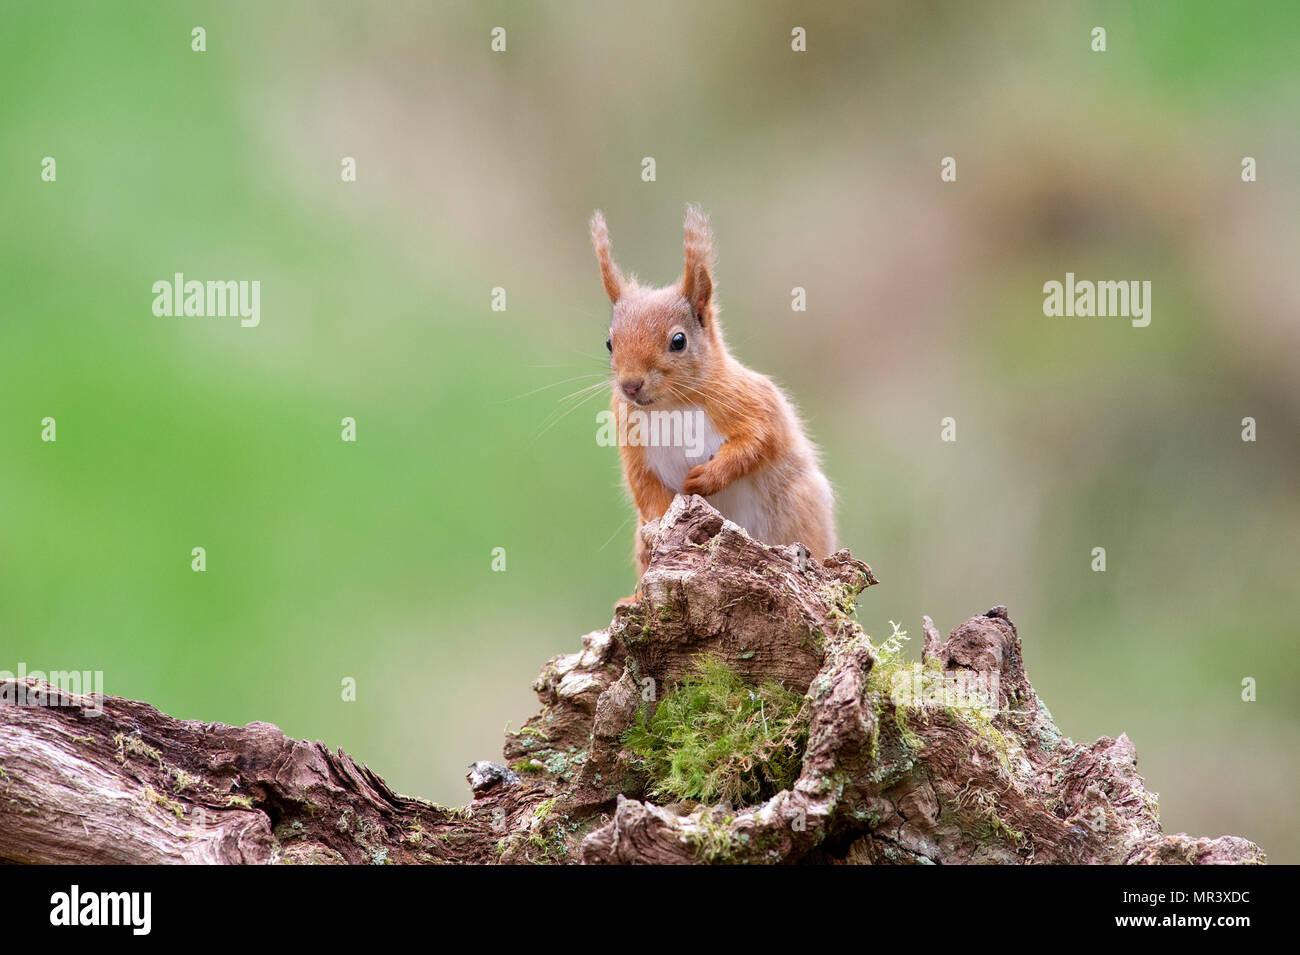 Ein rotes Eichhörnchen (Sciurus vulgaris) in den Wäldern von Dumfries und Galloway, Schottland, Großbritannien Stockfoto